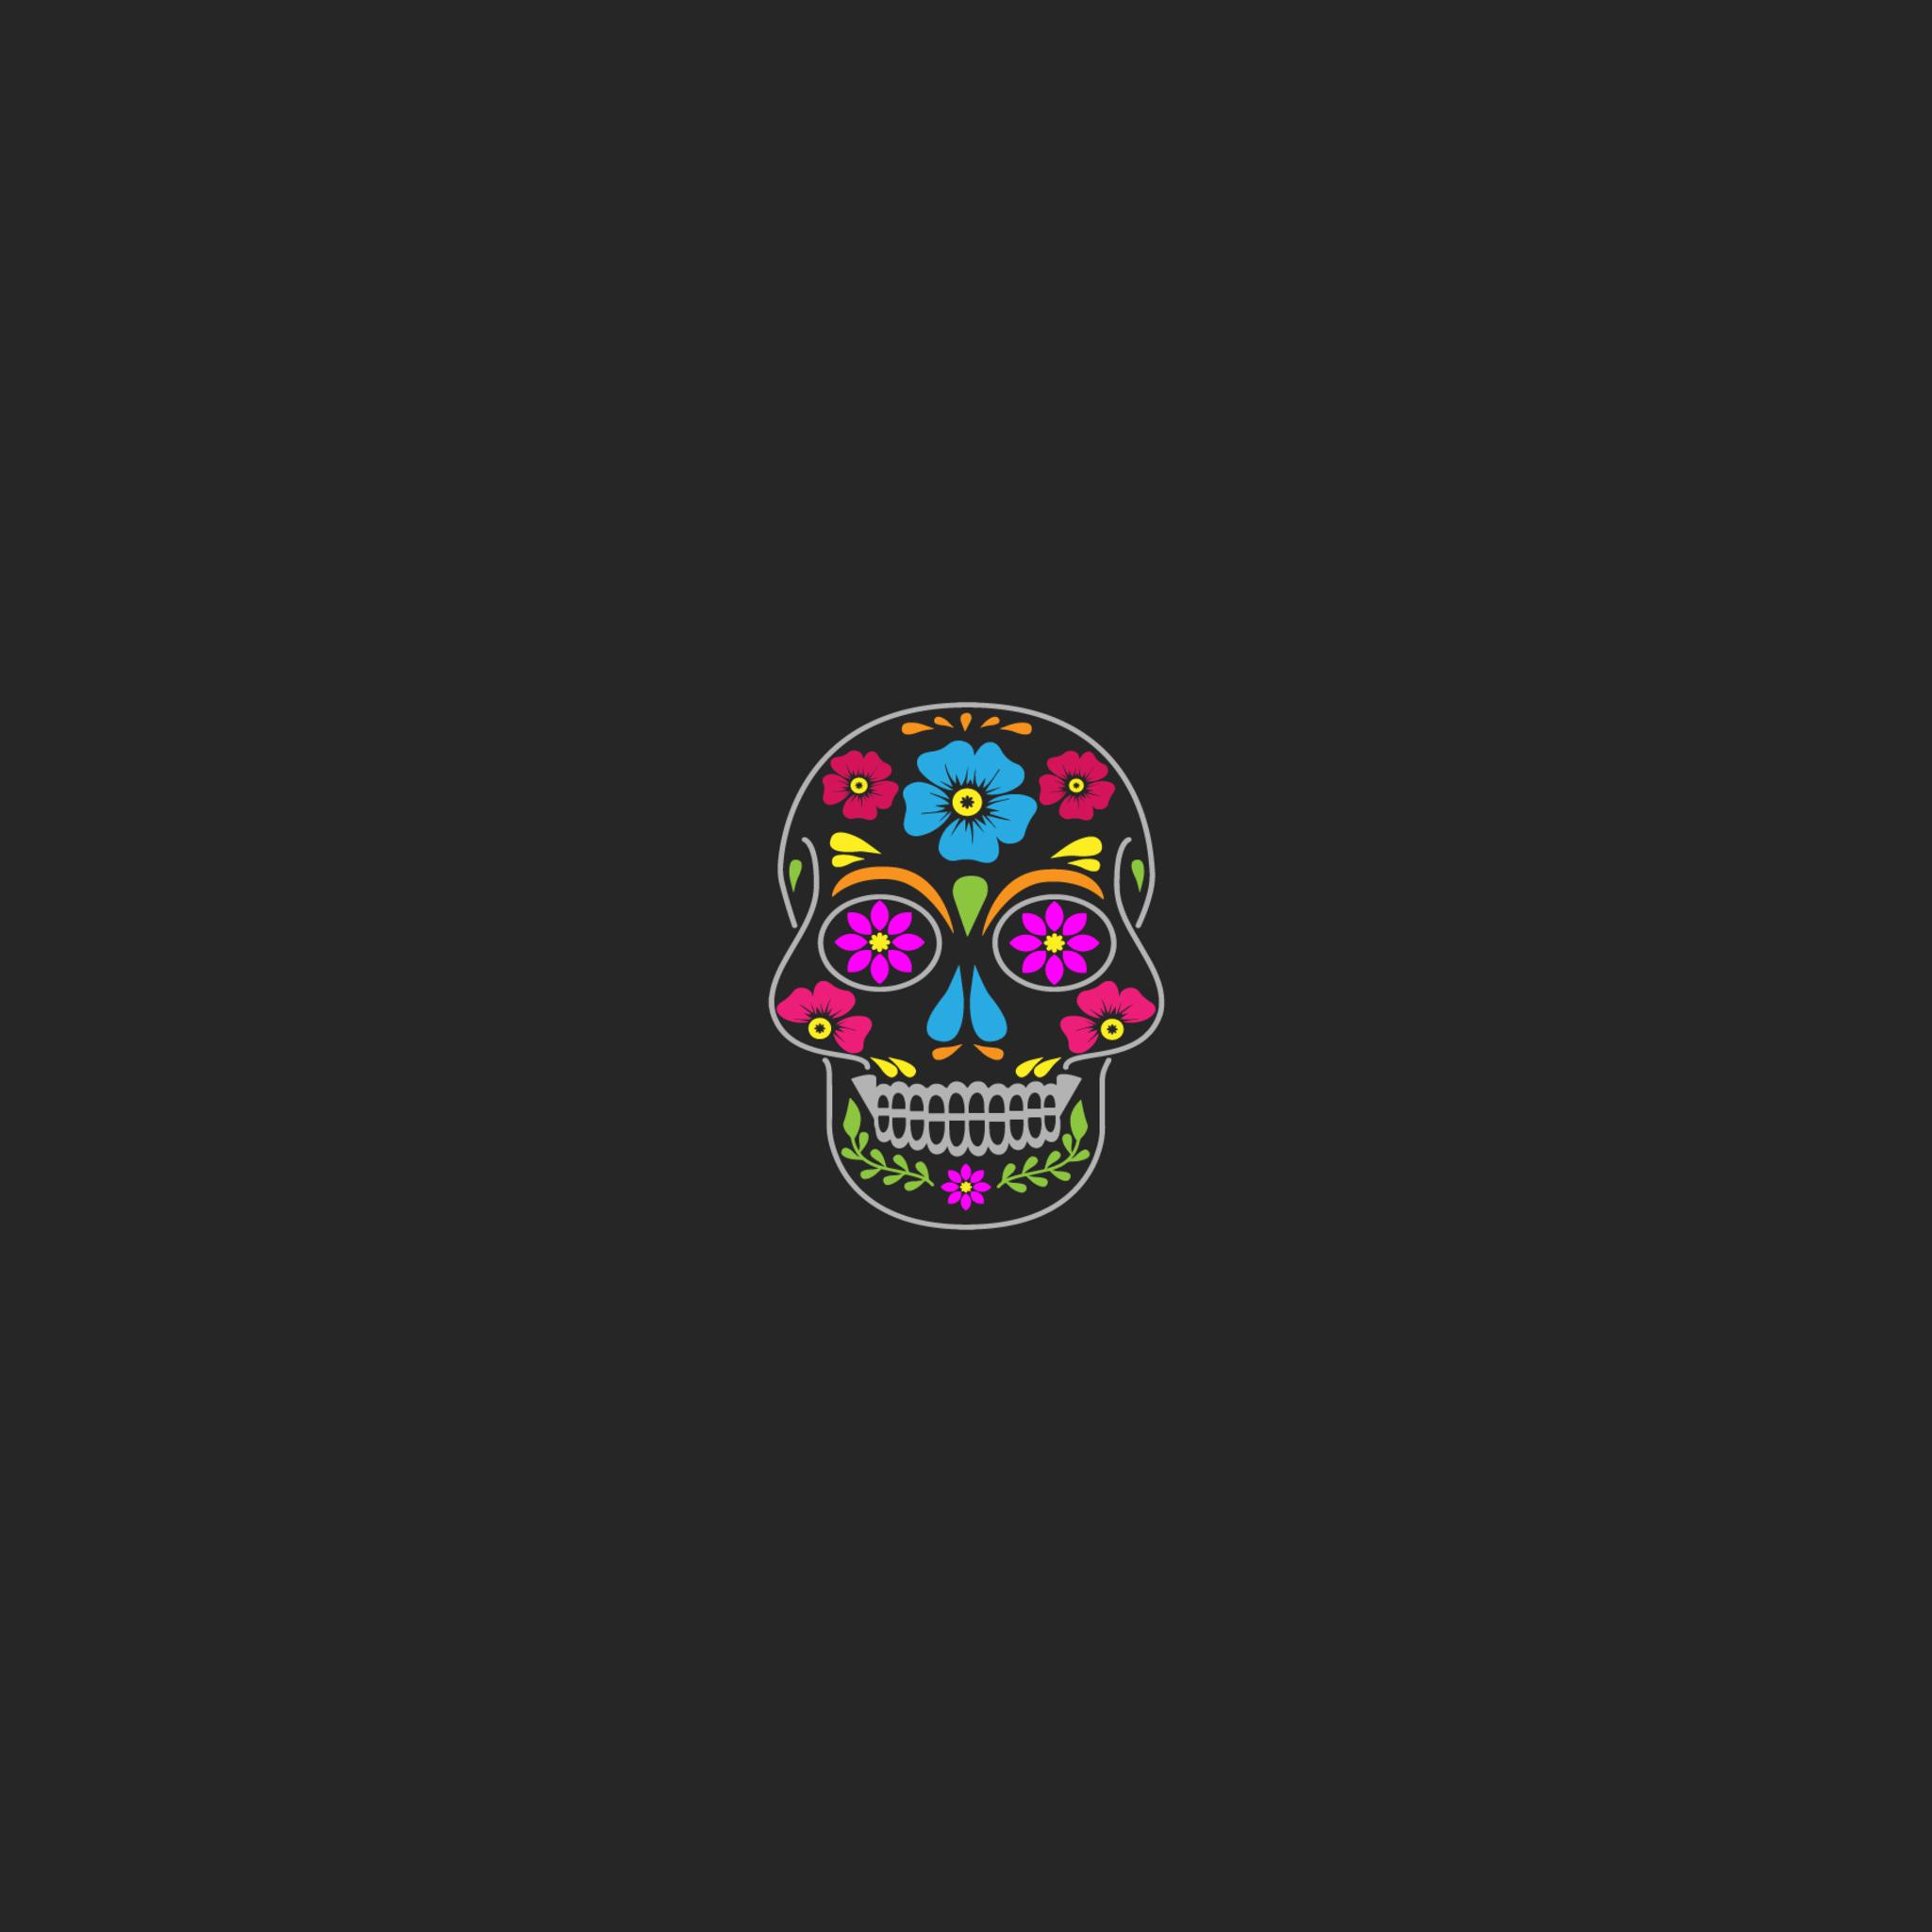 skull-minimal-art-27.jpg